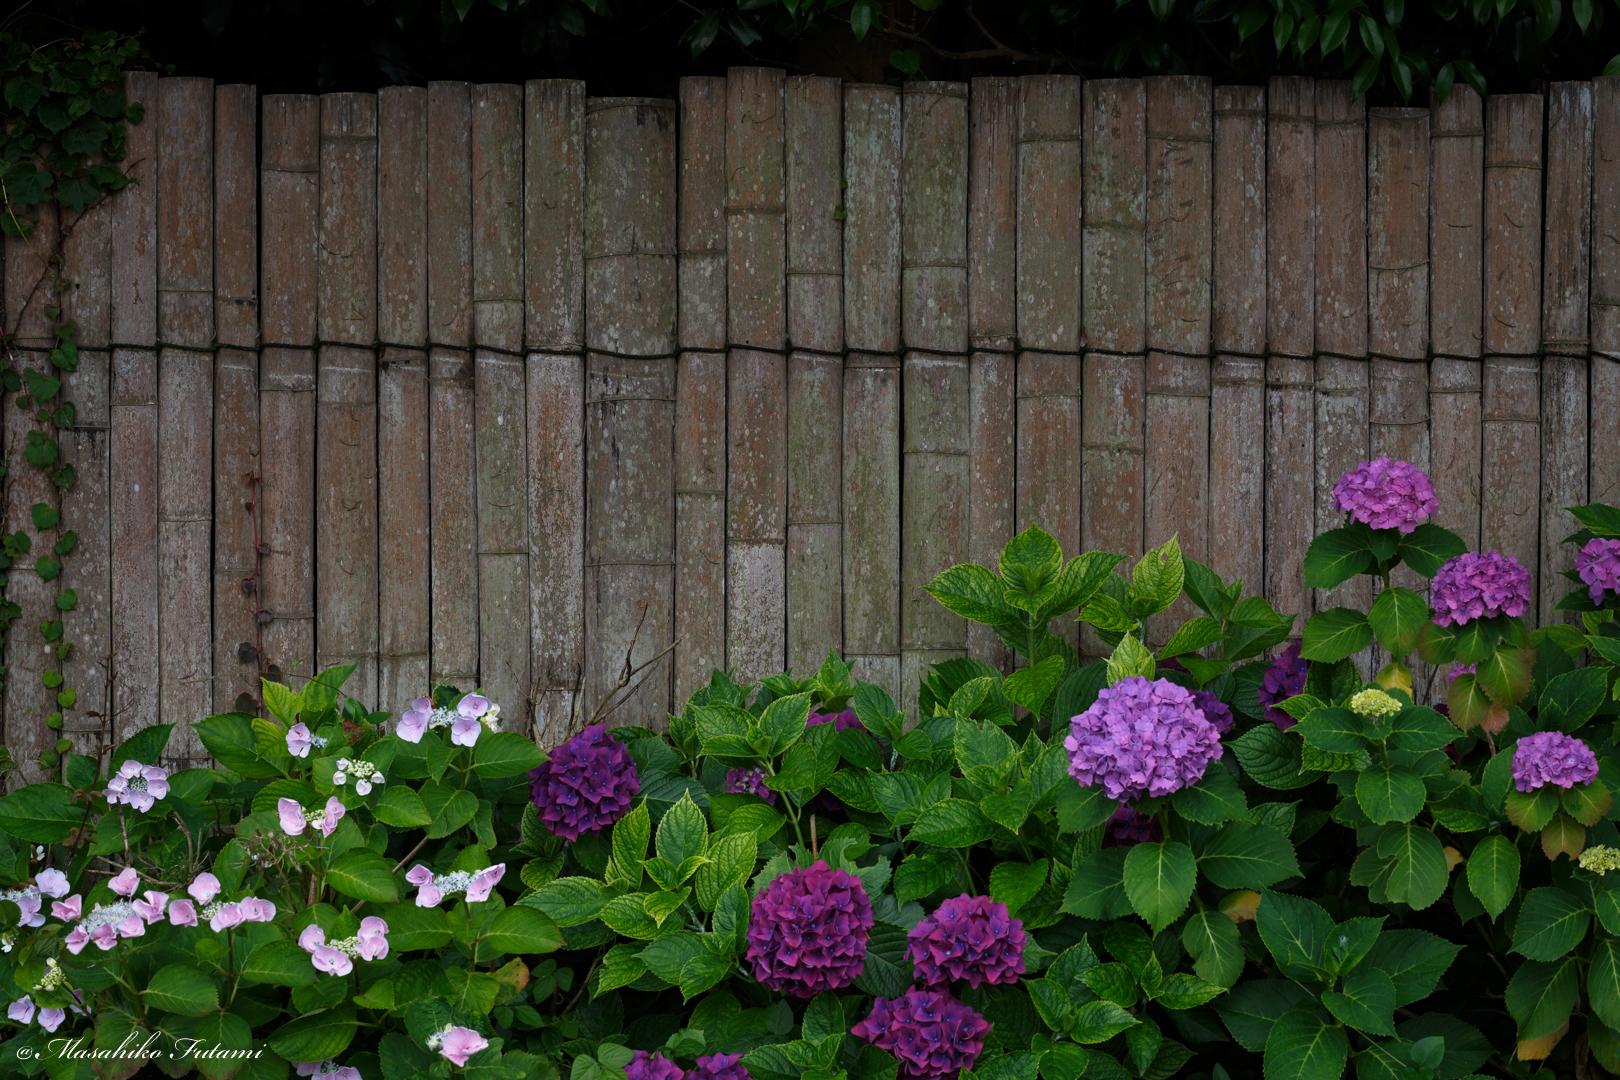 Hydrangea of Bamboo Fence